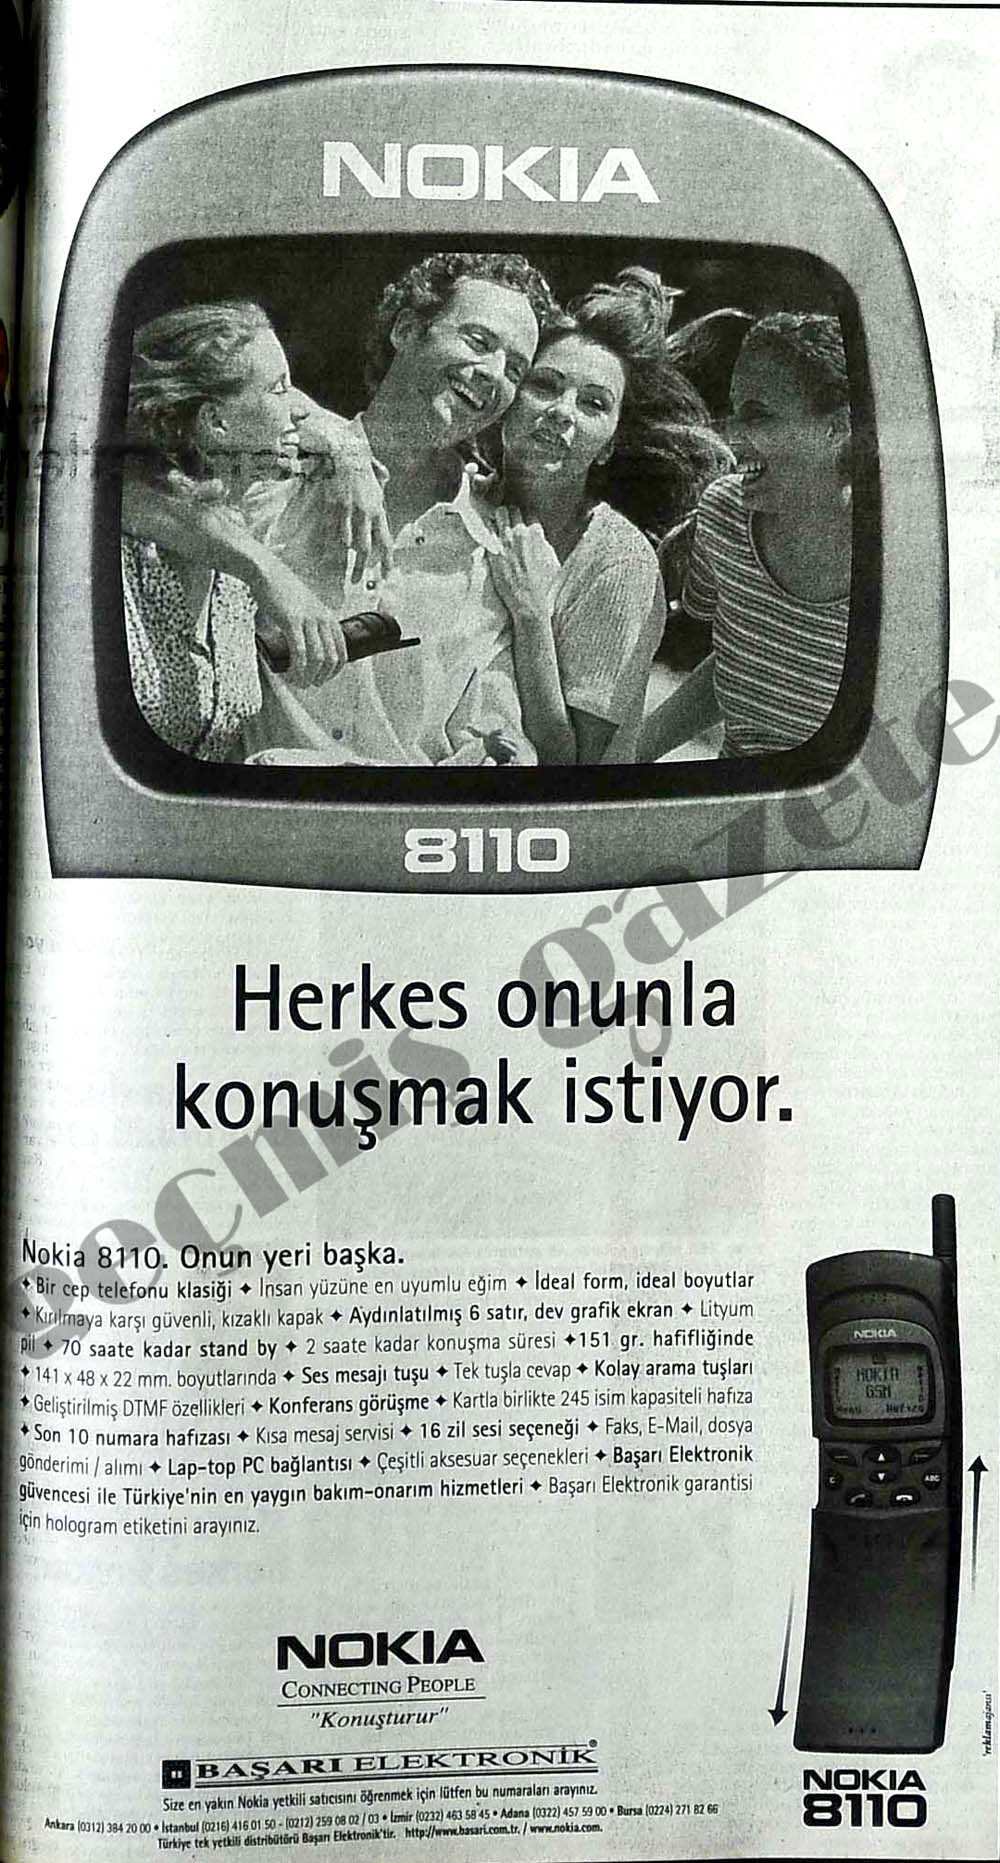 Nokia 8110 Herkes onunla konuşmak istiyor